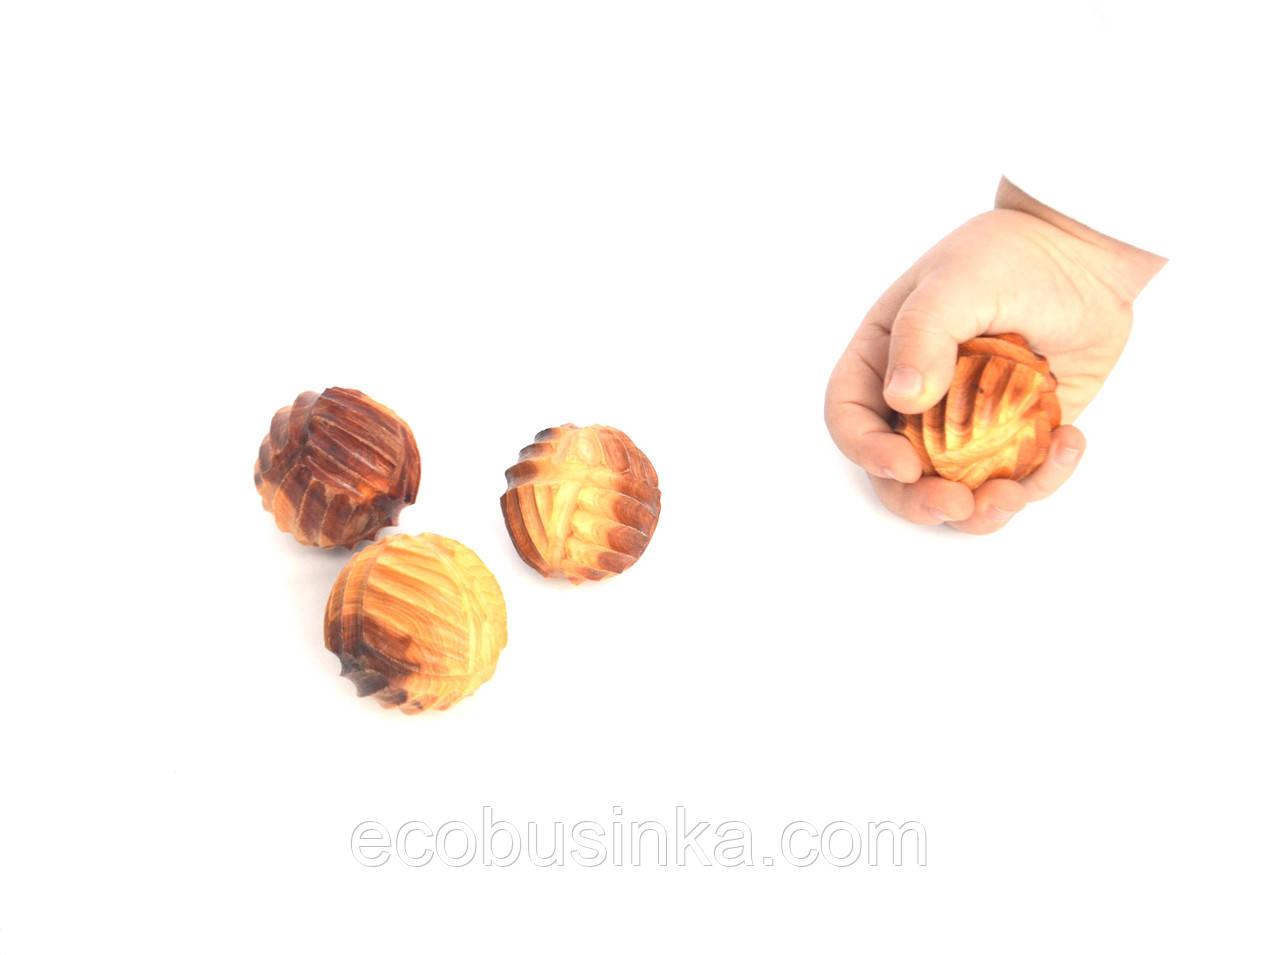 Тактильные шарики из можжевельника, массажные шарики 40мм